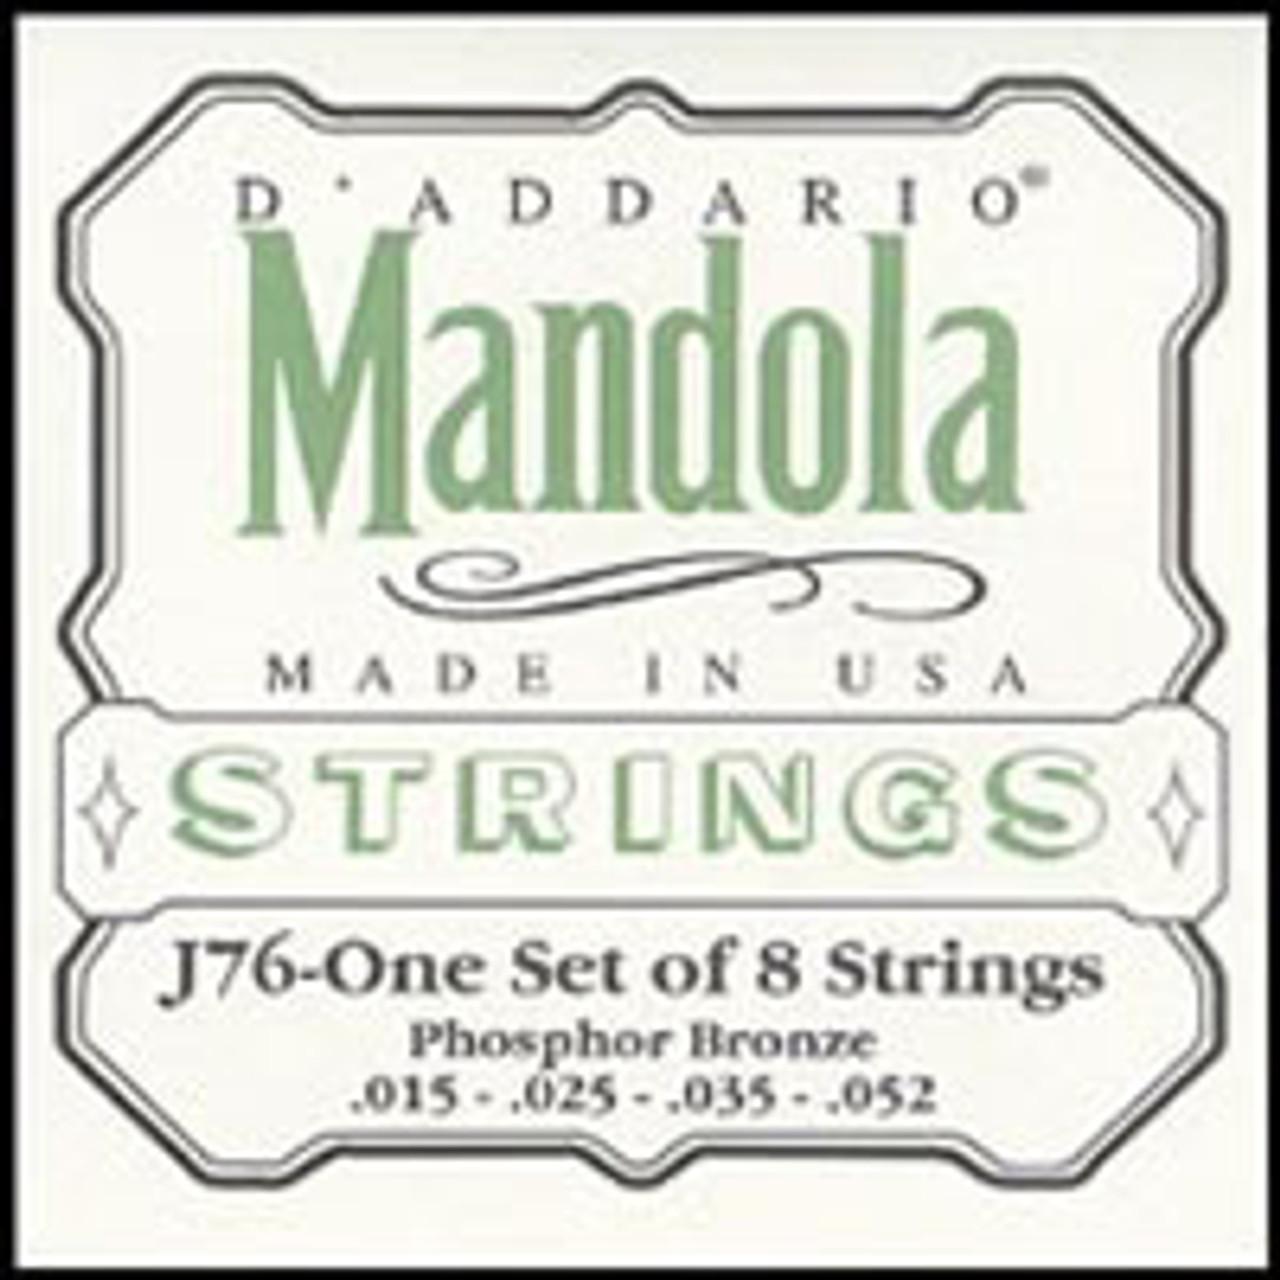 D'addario J76 Mandolin Strings (15-52)